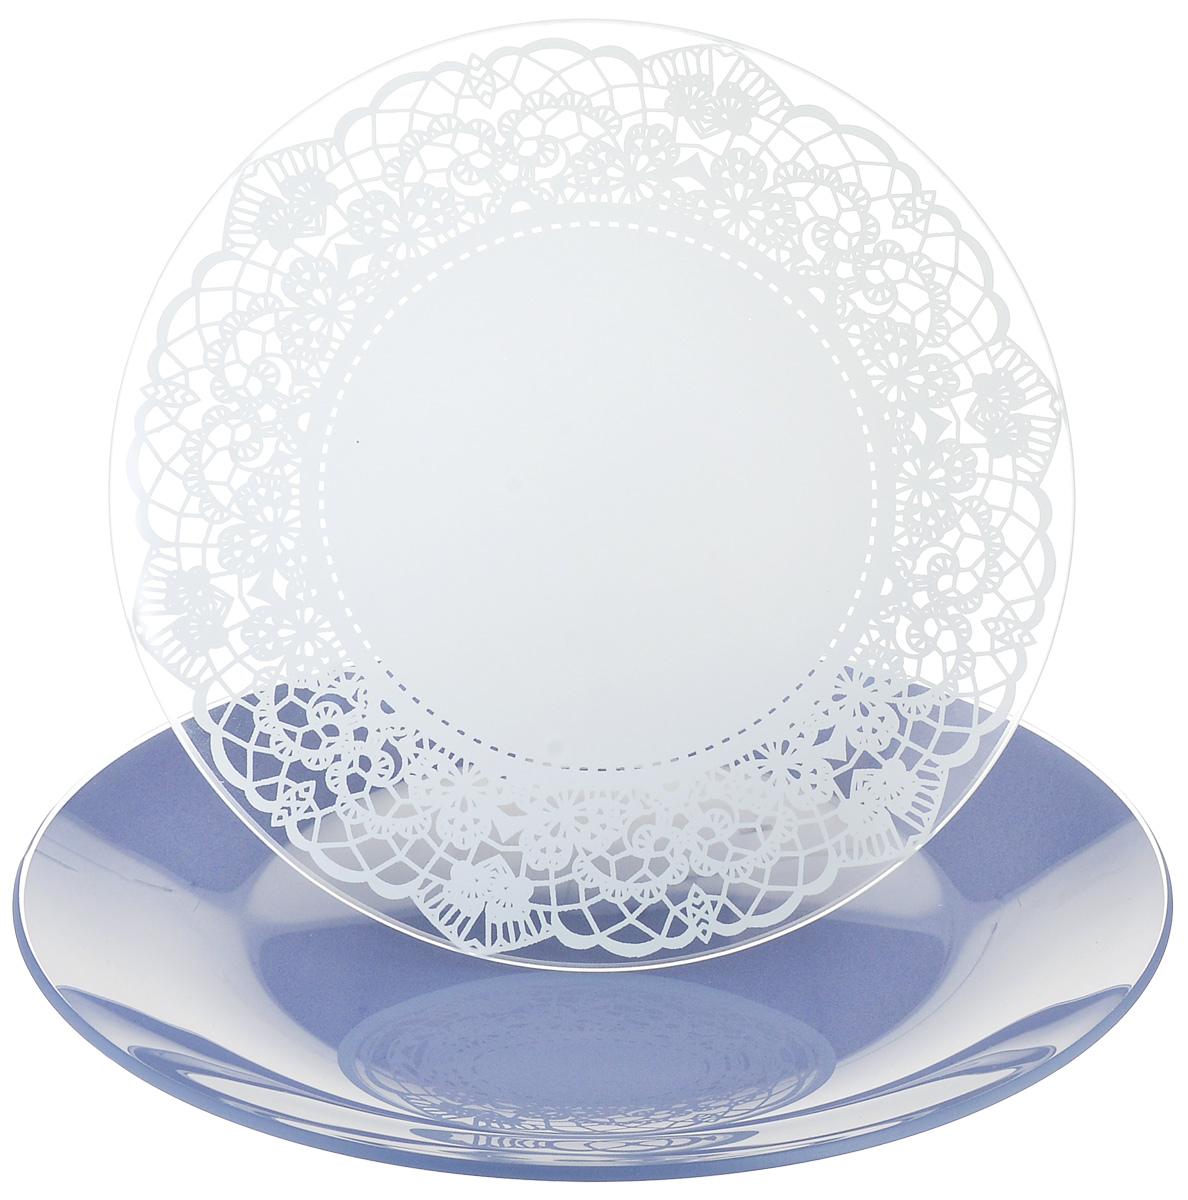 Набор тарелок NiNaGlass, цвет: голубой, диаметр 20 см, 2 шт. 85-200-143пс85-200-143псНабор тарелок NiNaGlass Кружево и Палитра выполнена из высококачественного стекла, декорирована под Вологодское кружево и подстановочная тарелка яркий насыщенный цвет. Набор идеален для подачи горячих блюд, сервировки праздничного стола, нарезок, салатов, овощей и фруктов. Он отлично подойдет как для повседневных, так и для торжественных случаев. Такой набор прекрасно впишется в интерьер вашей кухни и станет достойным дополнением к кухонному инвентарю.